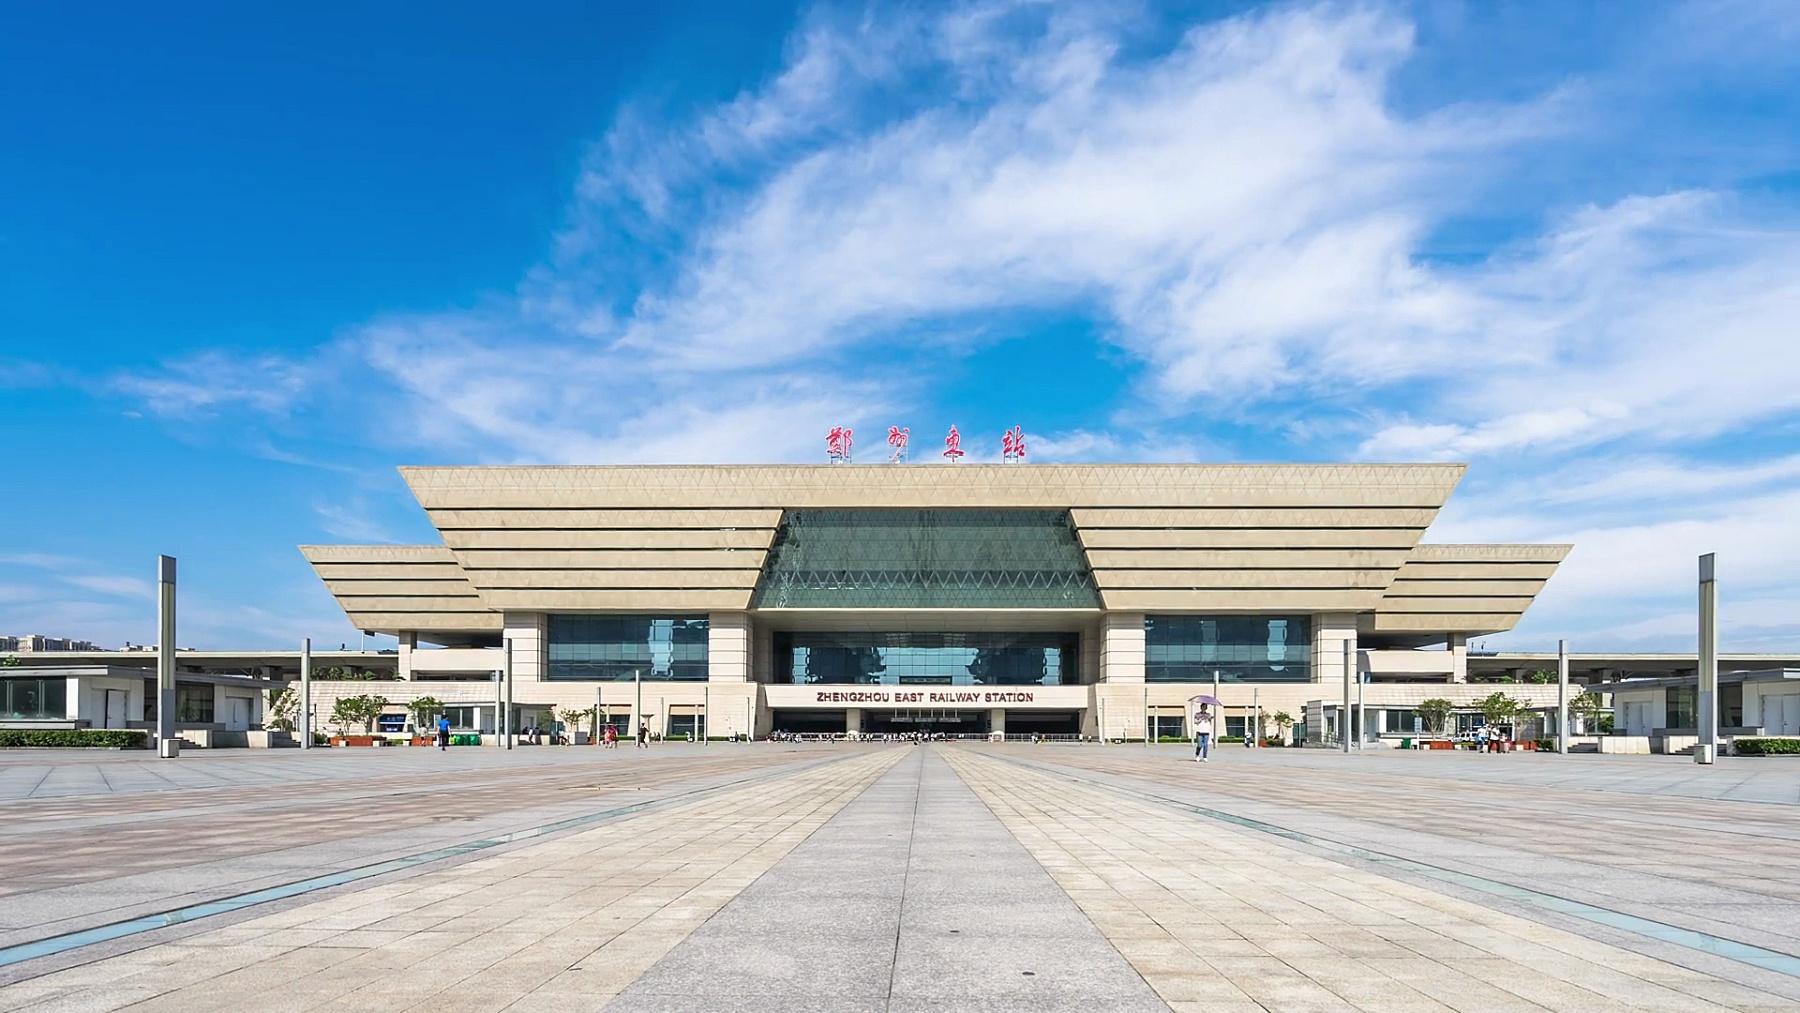 空旷的广场和蓝天中的现代建筑。延时